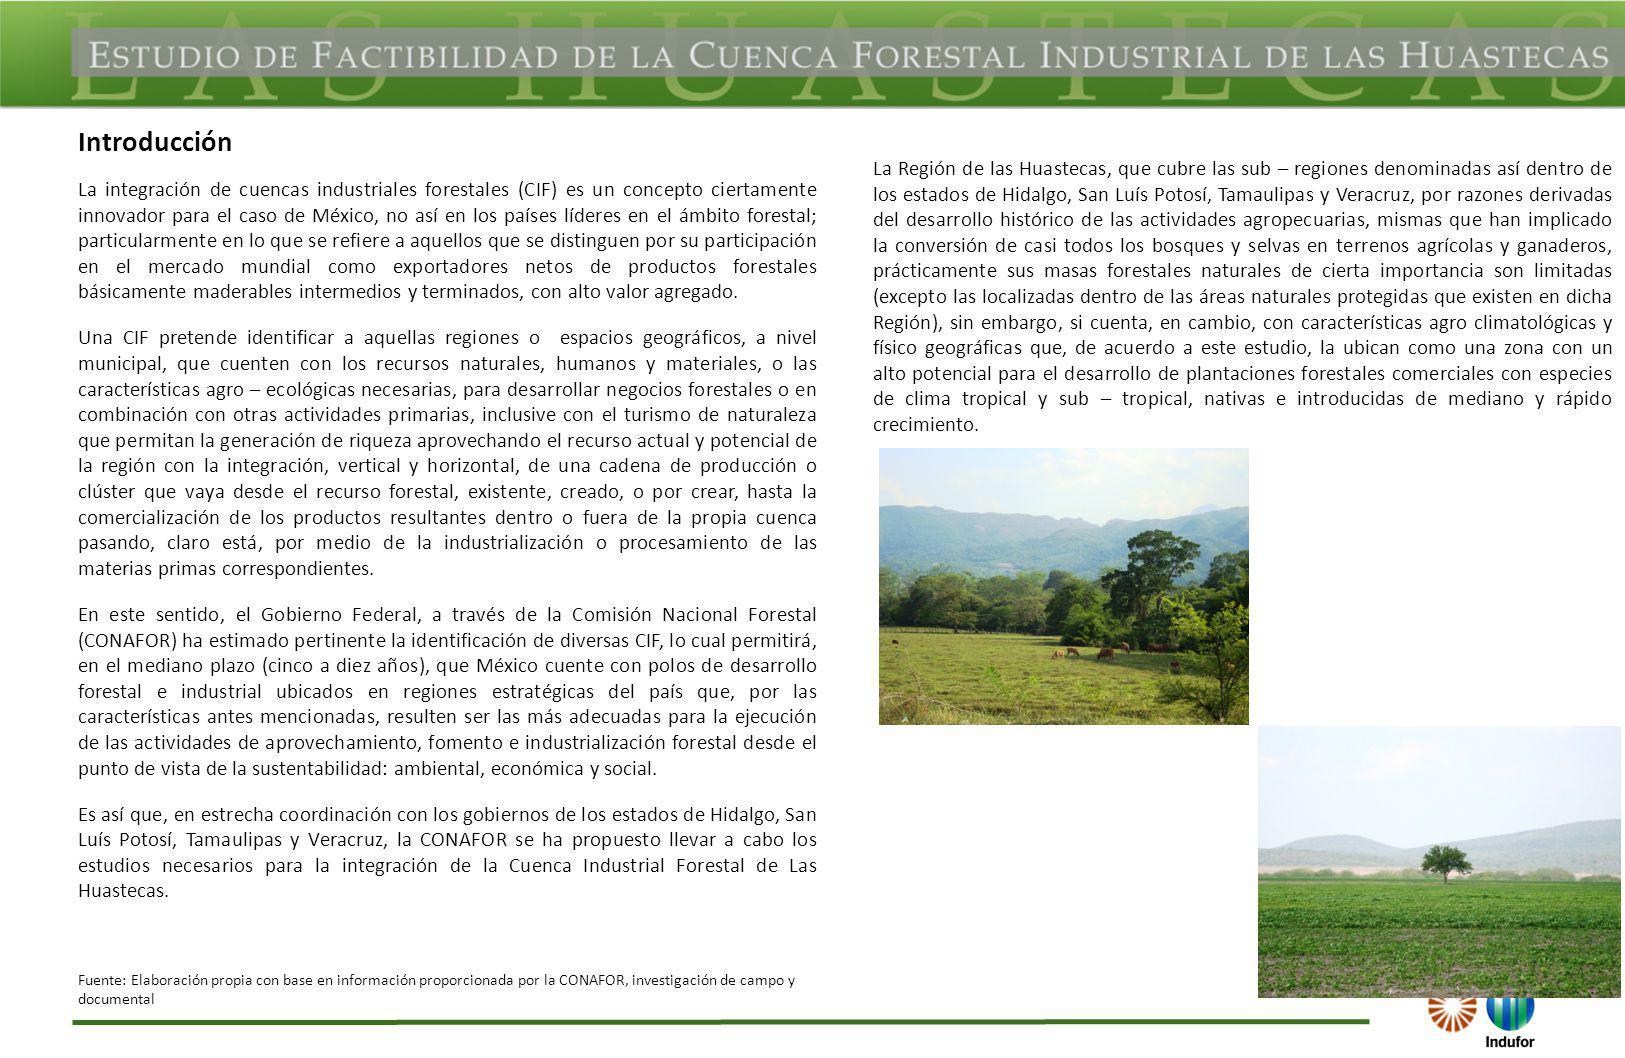 La integración de cuencas industriales forestales (CIF) es un concepto ciertamente innovador para el caso de México, no así en los países líderes en e